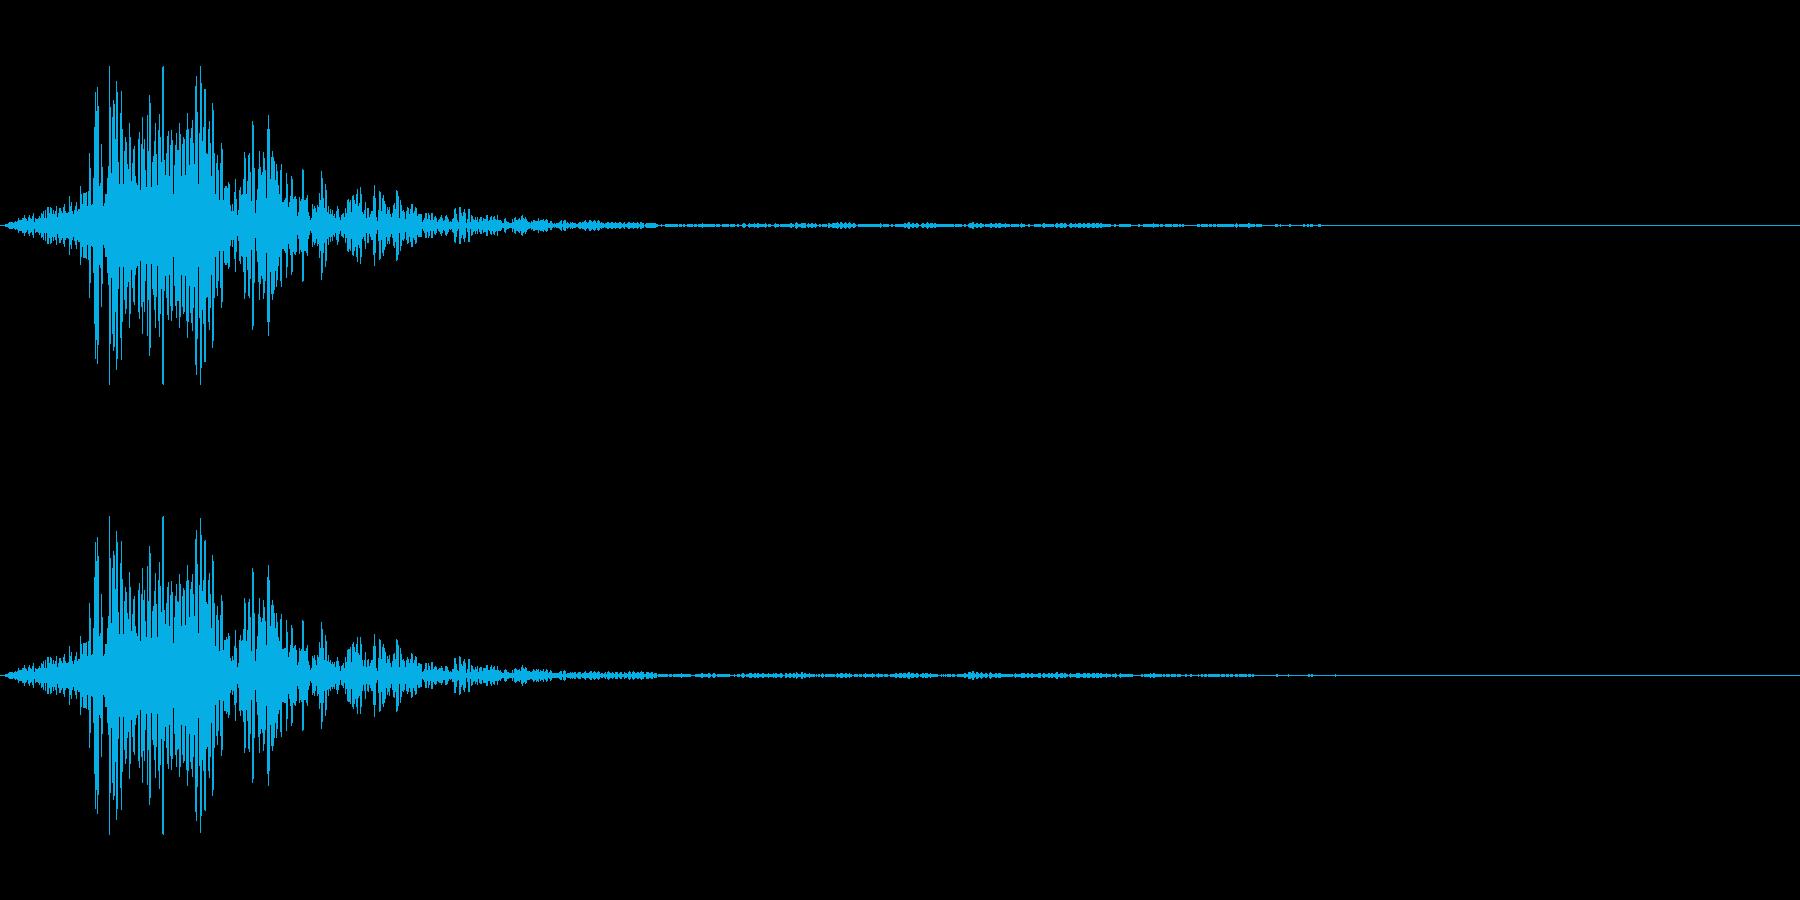 シュッ(棒状の物を降る音)の再生済みの波形